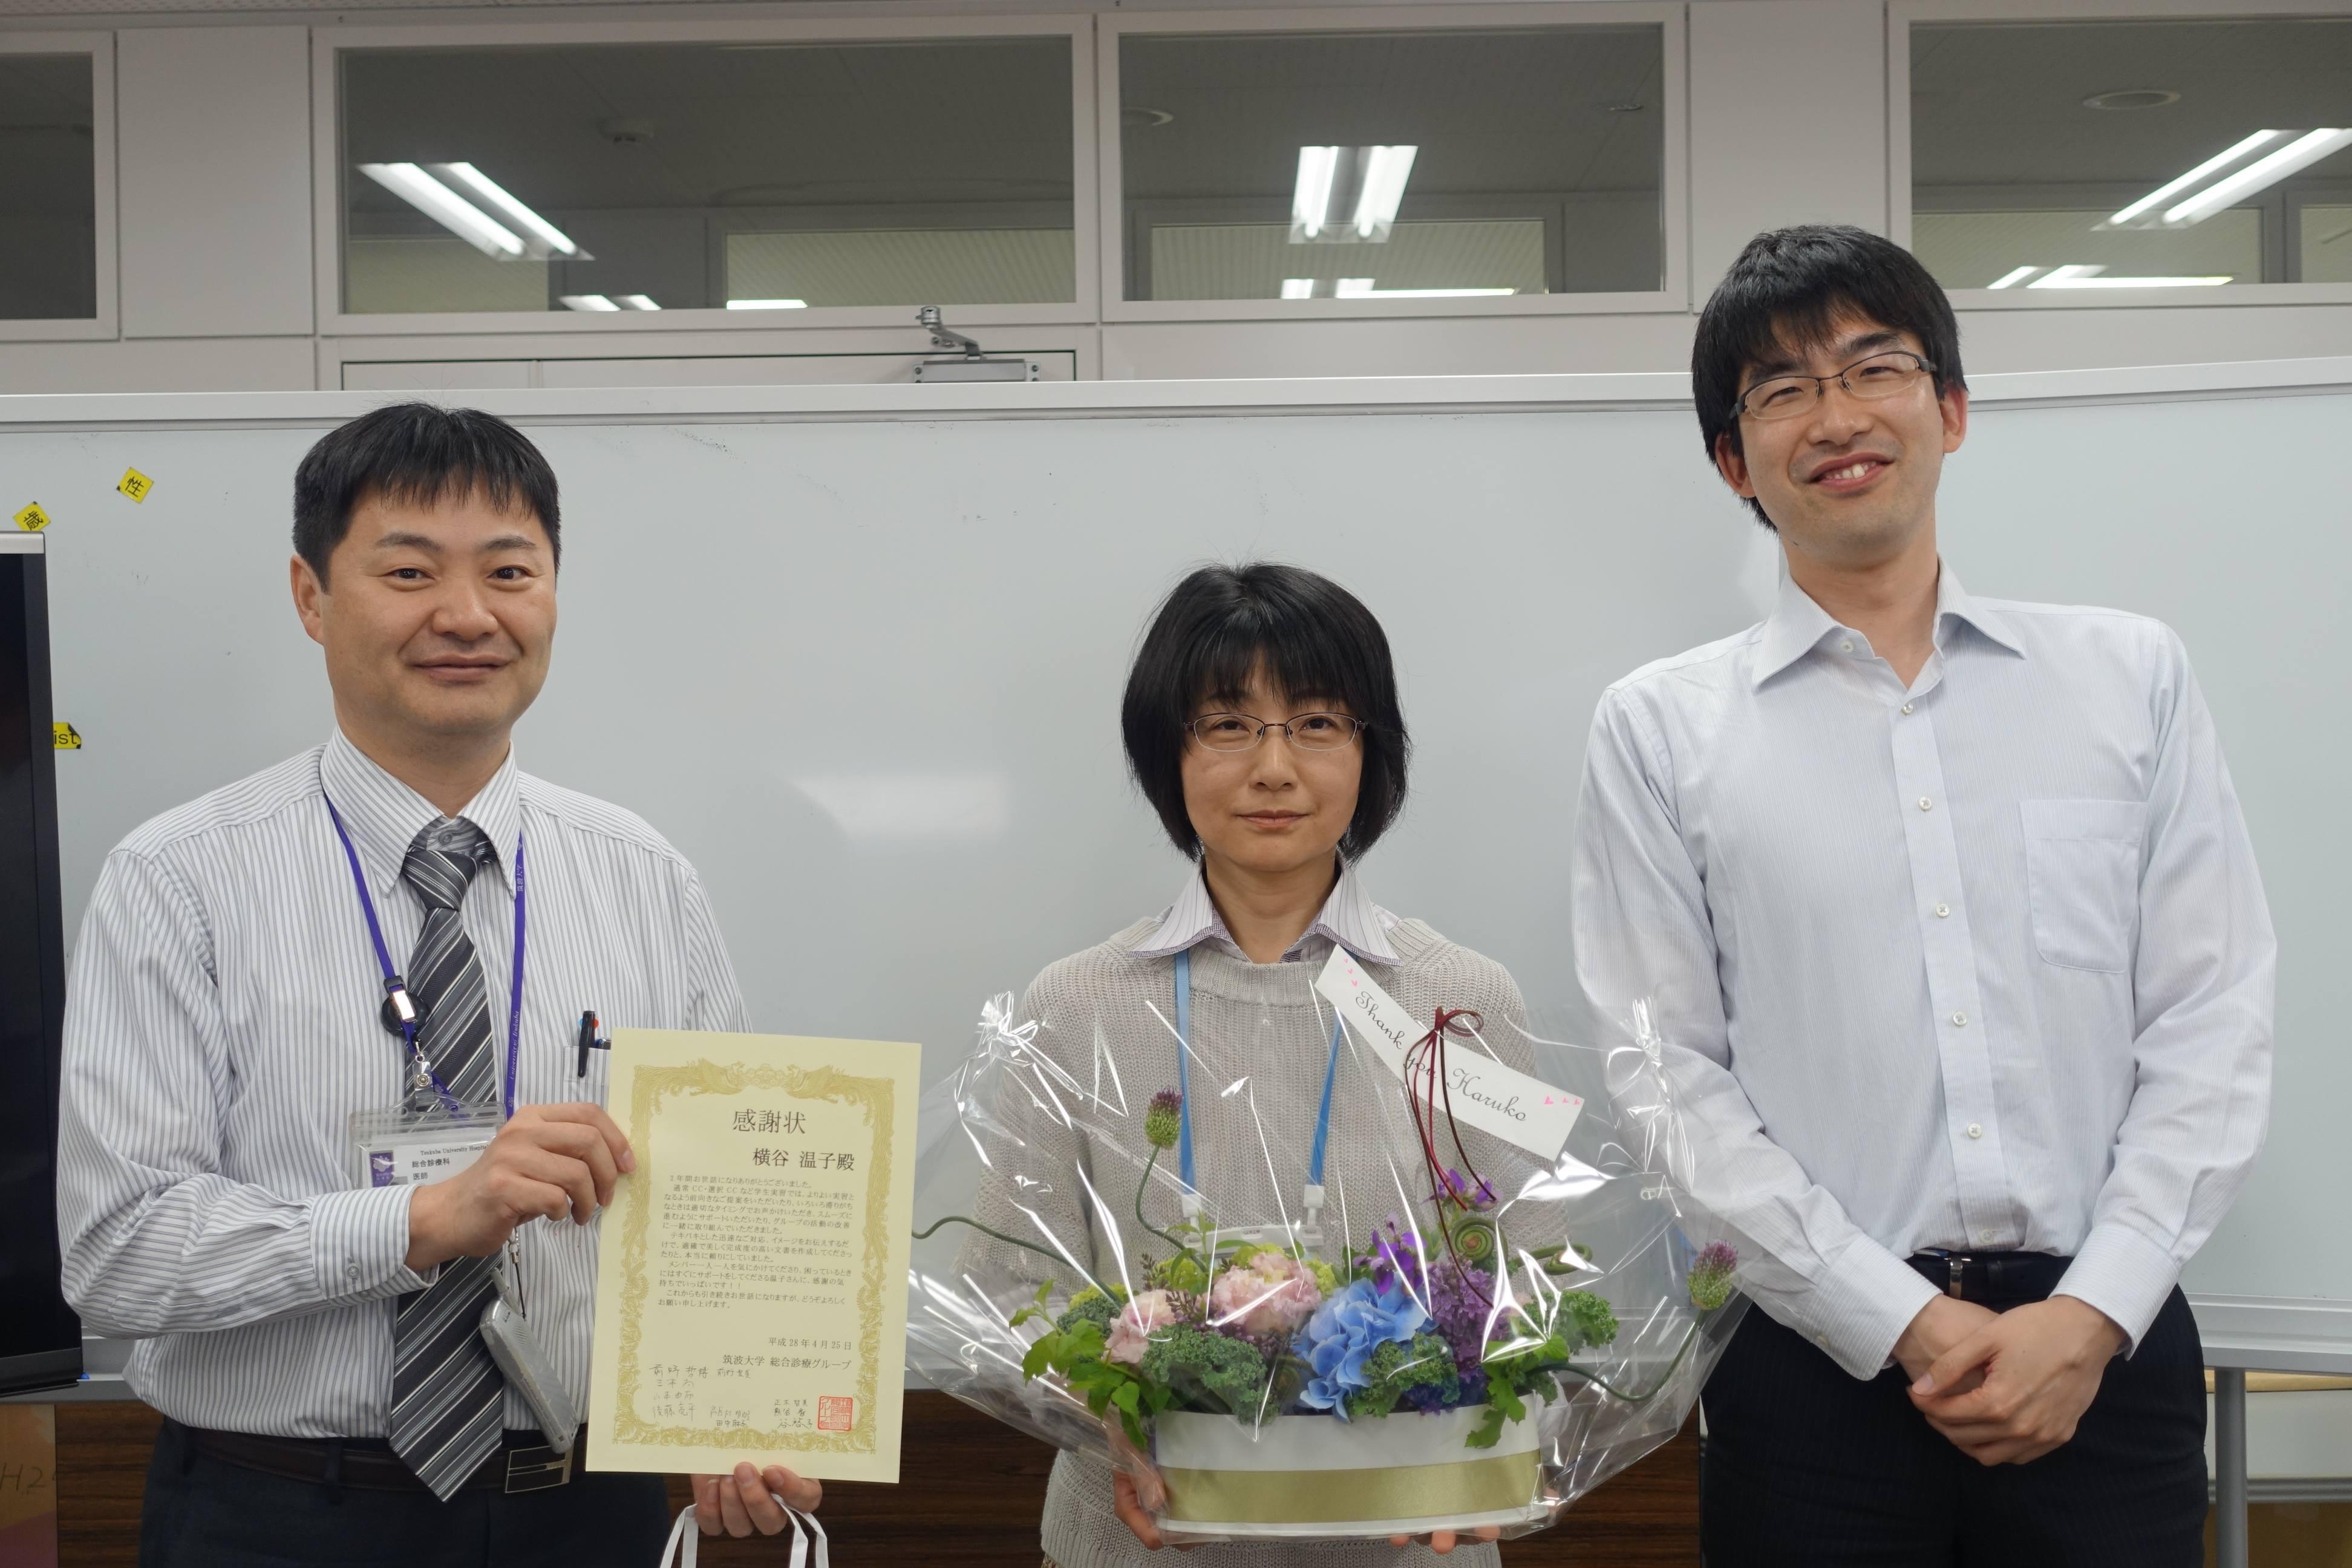 2年間お世話になった秘書の横谷さん(中心)と前野教授(左)、吉本講師(右)